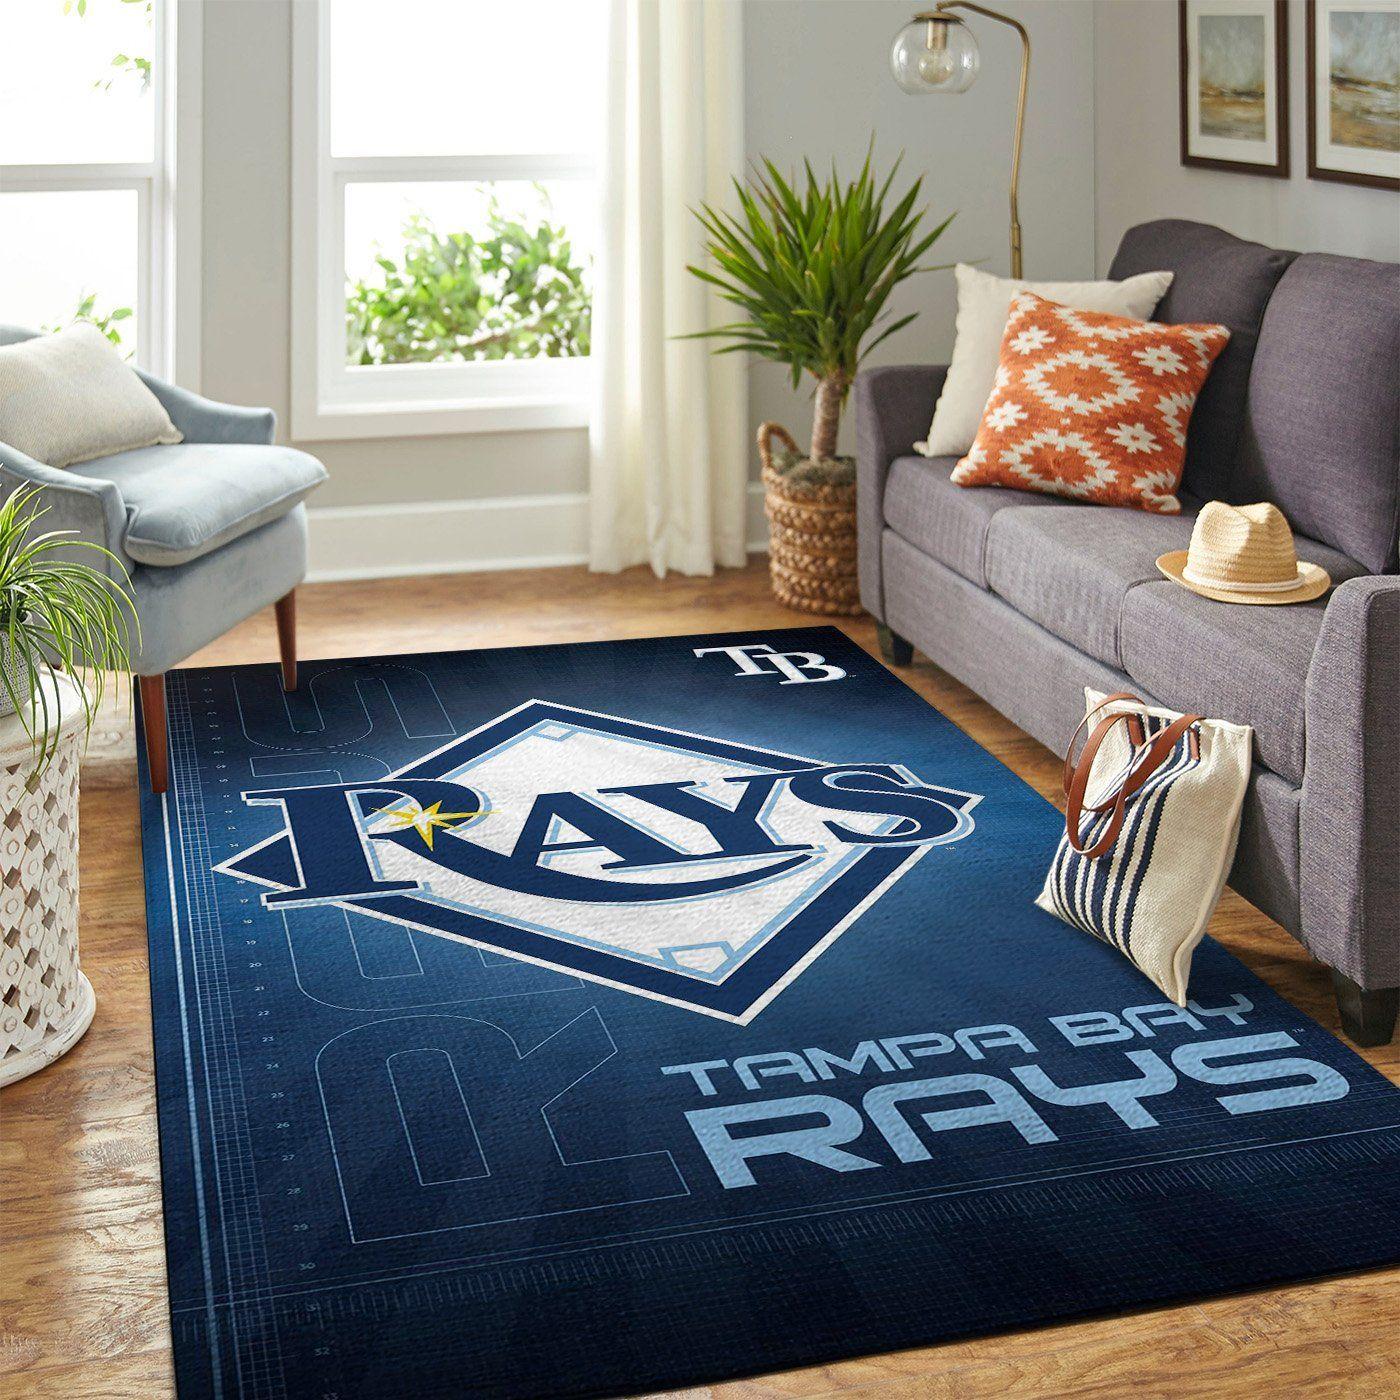 Amazon Tampa Bay Rays Living Room Area No5095 Rug